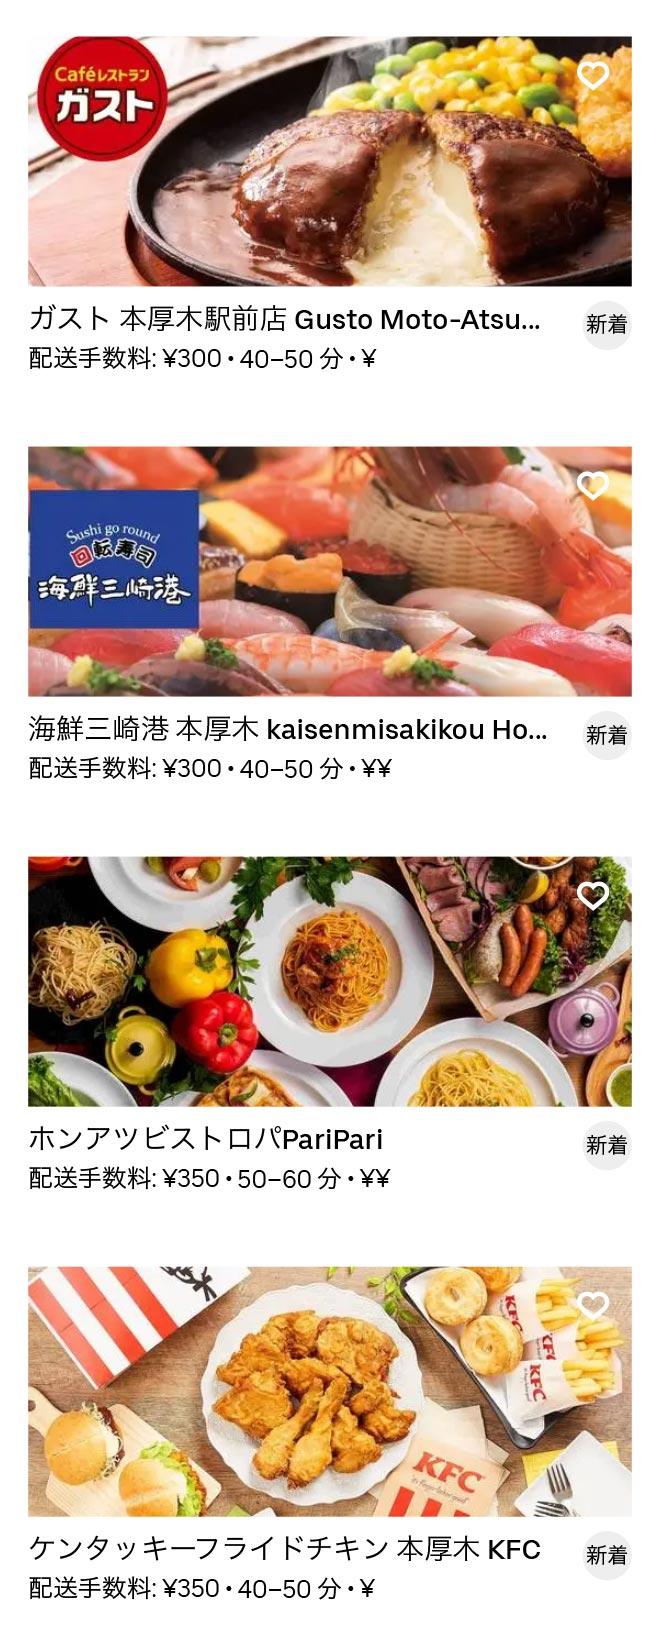 Ebina menu 2010 03